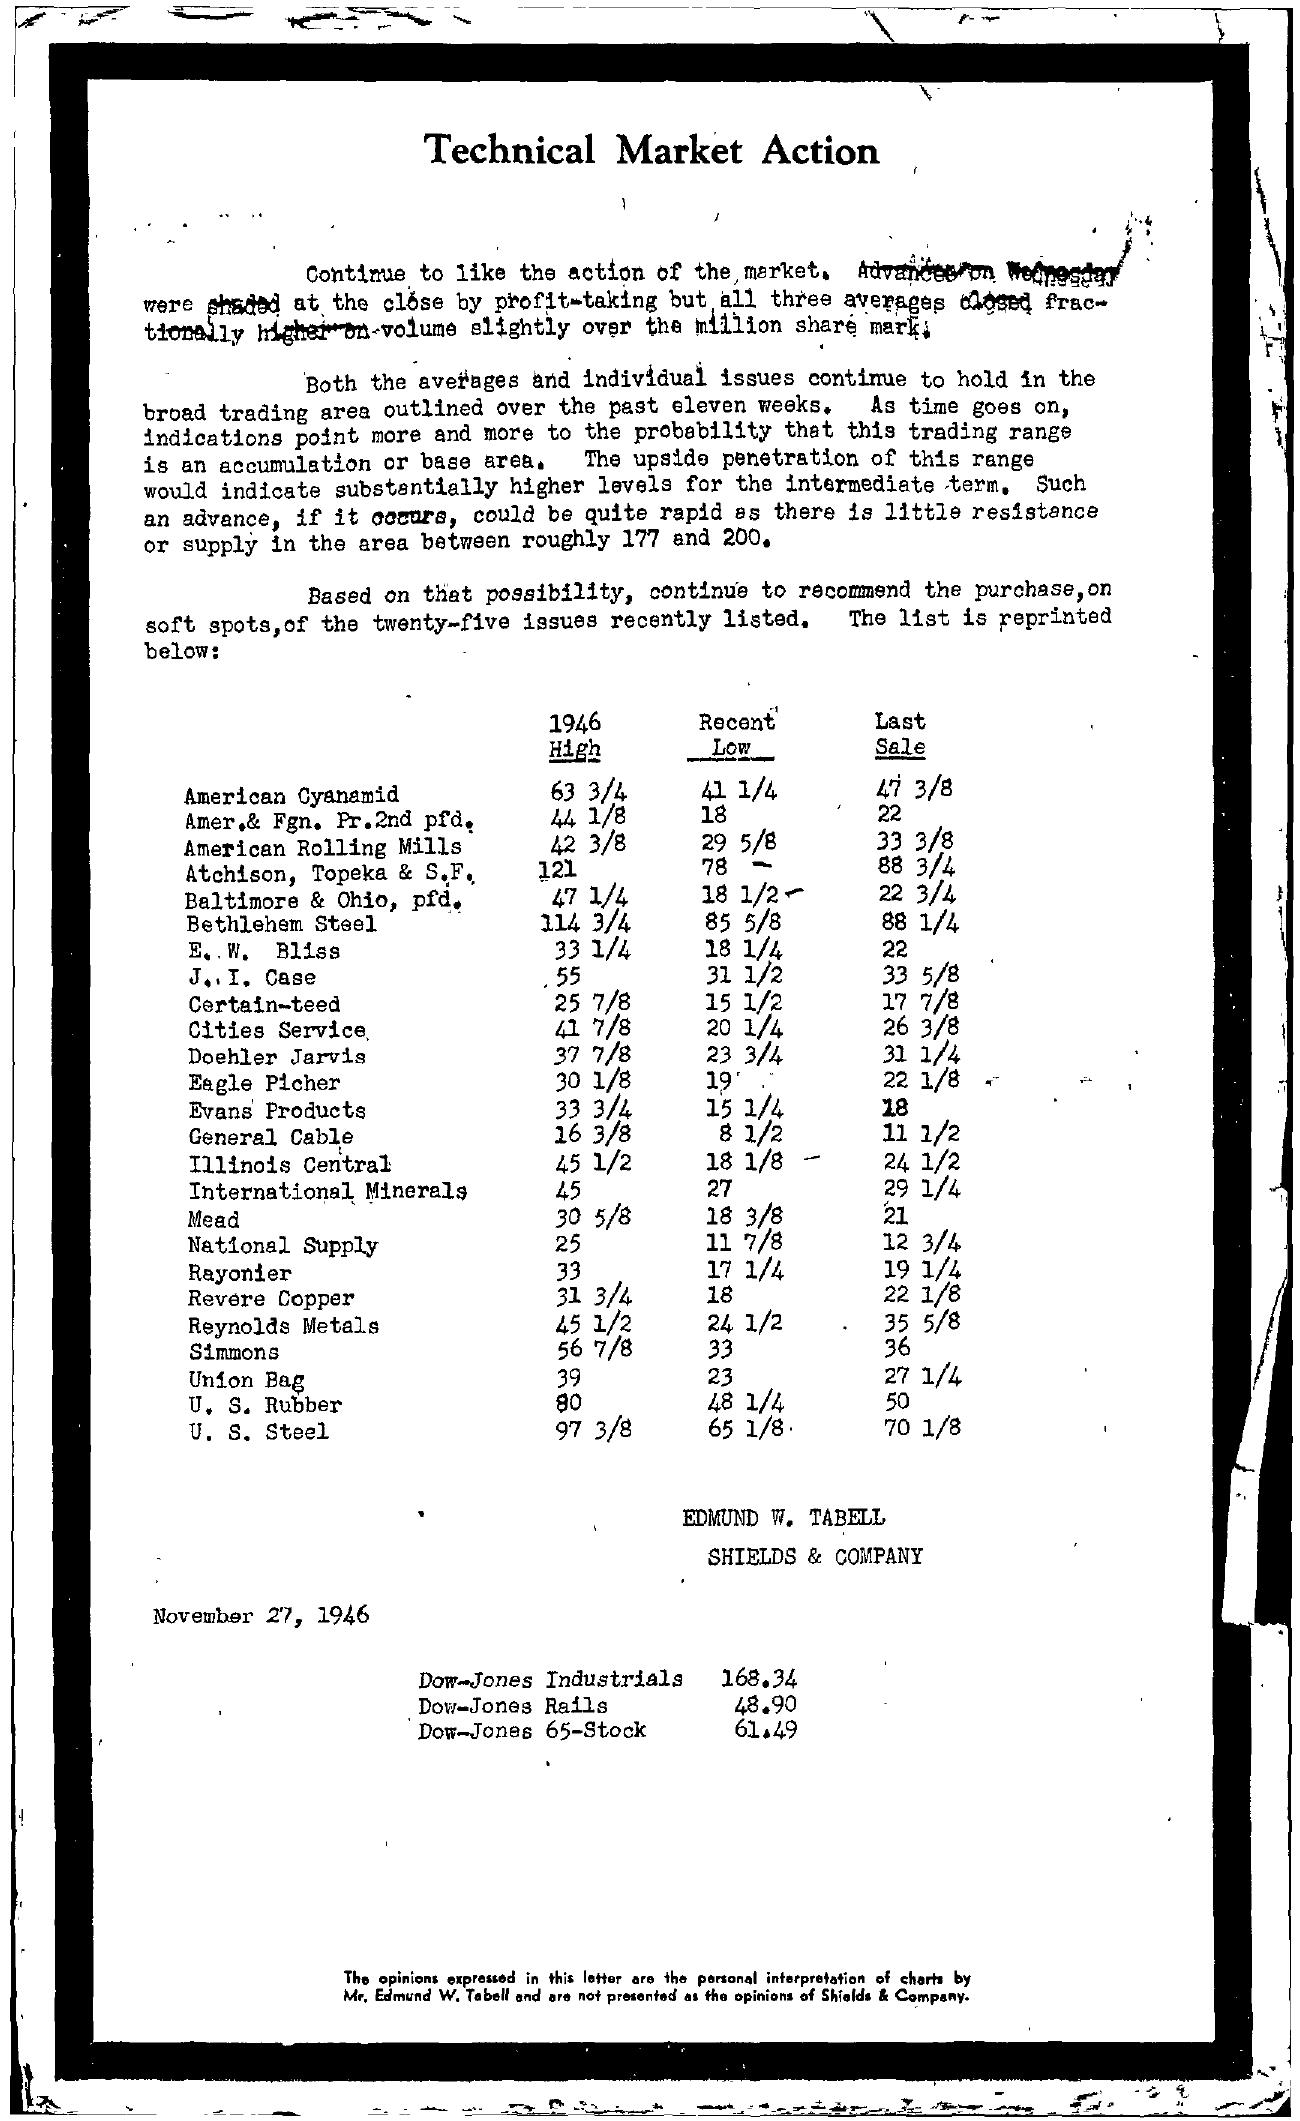 Tabell's Market Letter - November 27, 1946